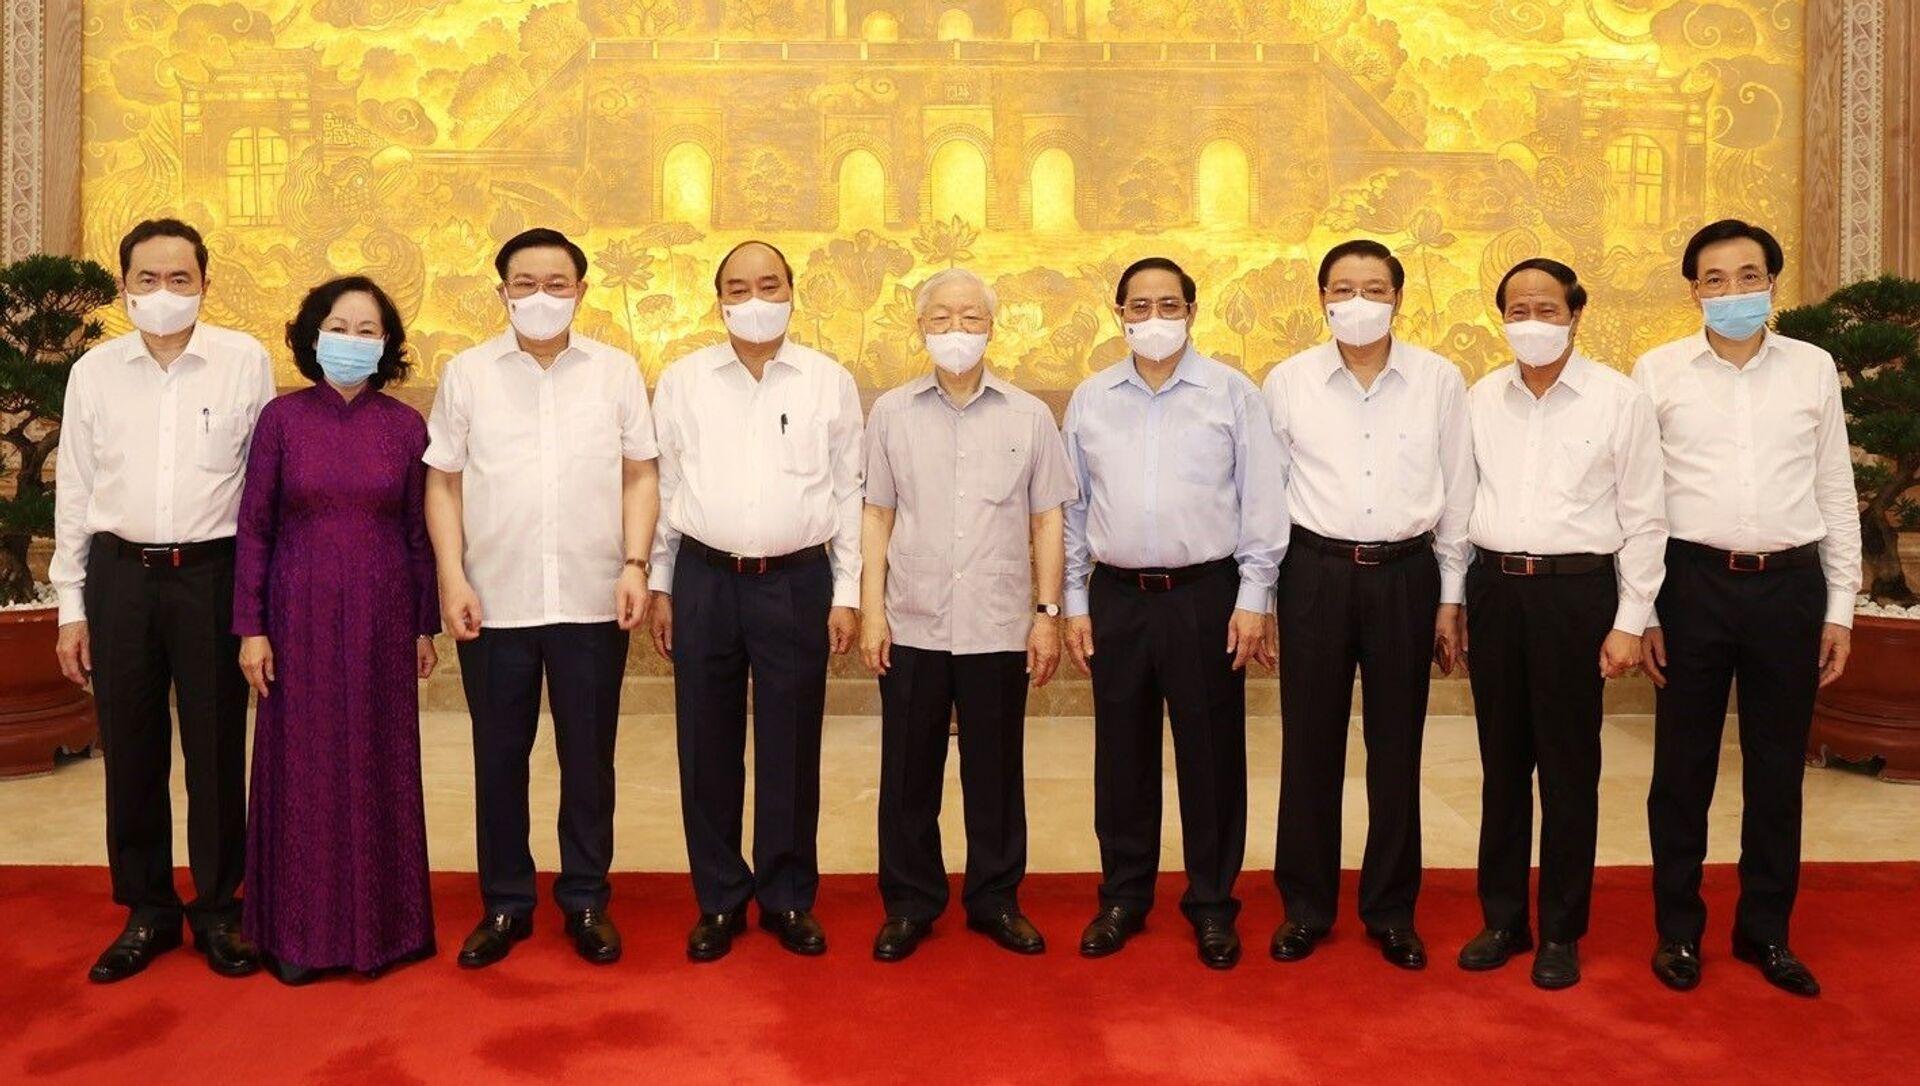 Tổng Bí thư Nguyễn Phú Trọng dự Phiên họp đầu tiên của Chính phủ nhiệm kỳ 2021- 2026 - Sputnik Việt Nam, 1920, 11.08.2021